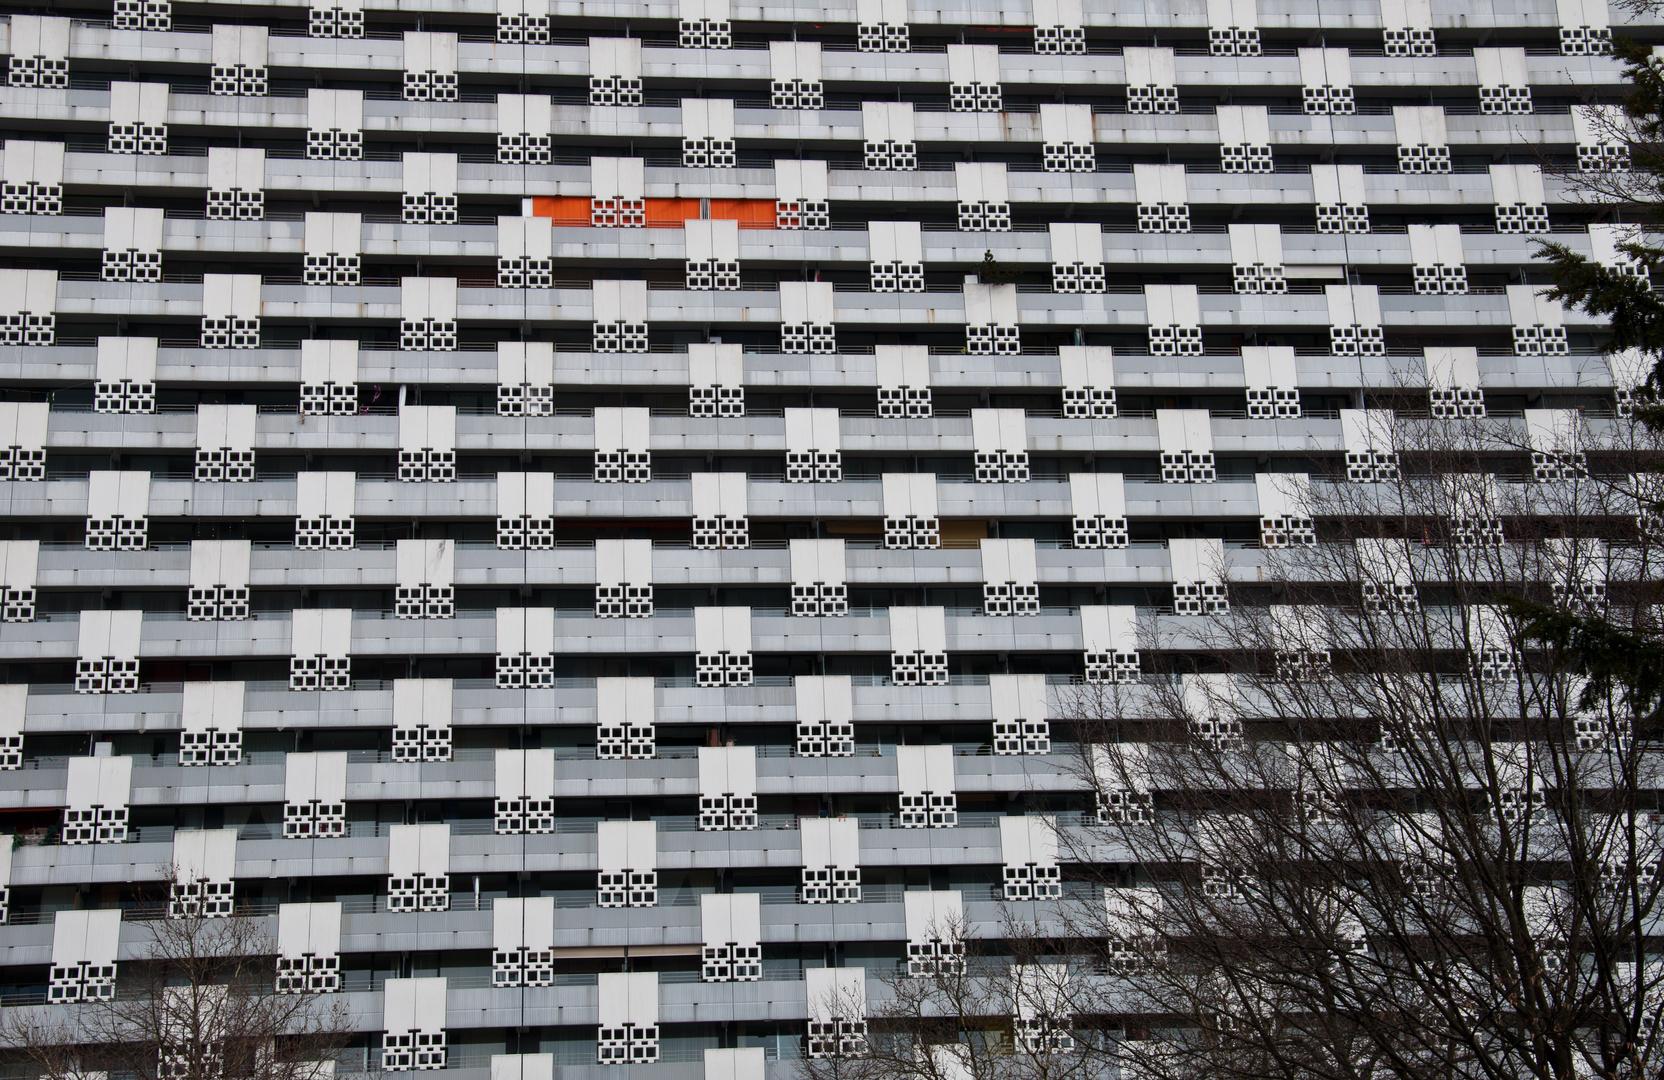 Mit vereinzelten sonnigen Abschnitten ist insbesondere im 16. Obergeschoss zu rechnen